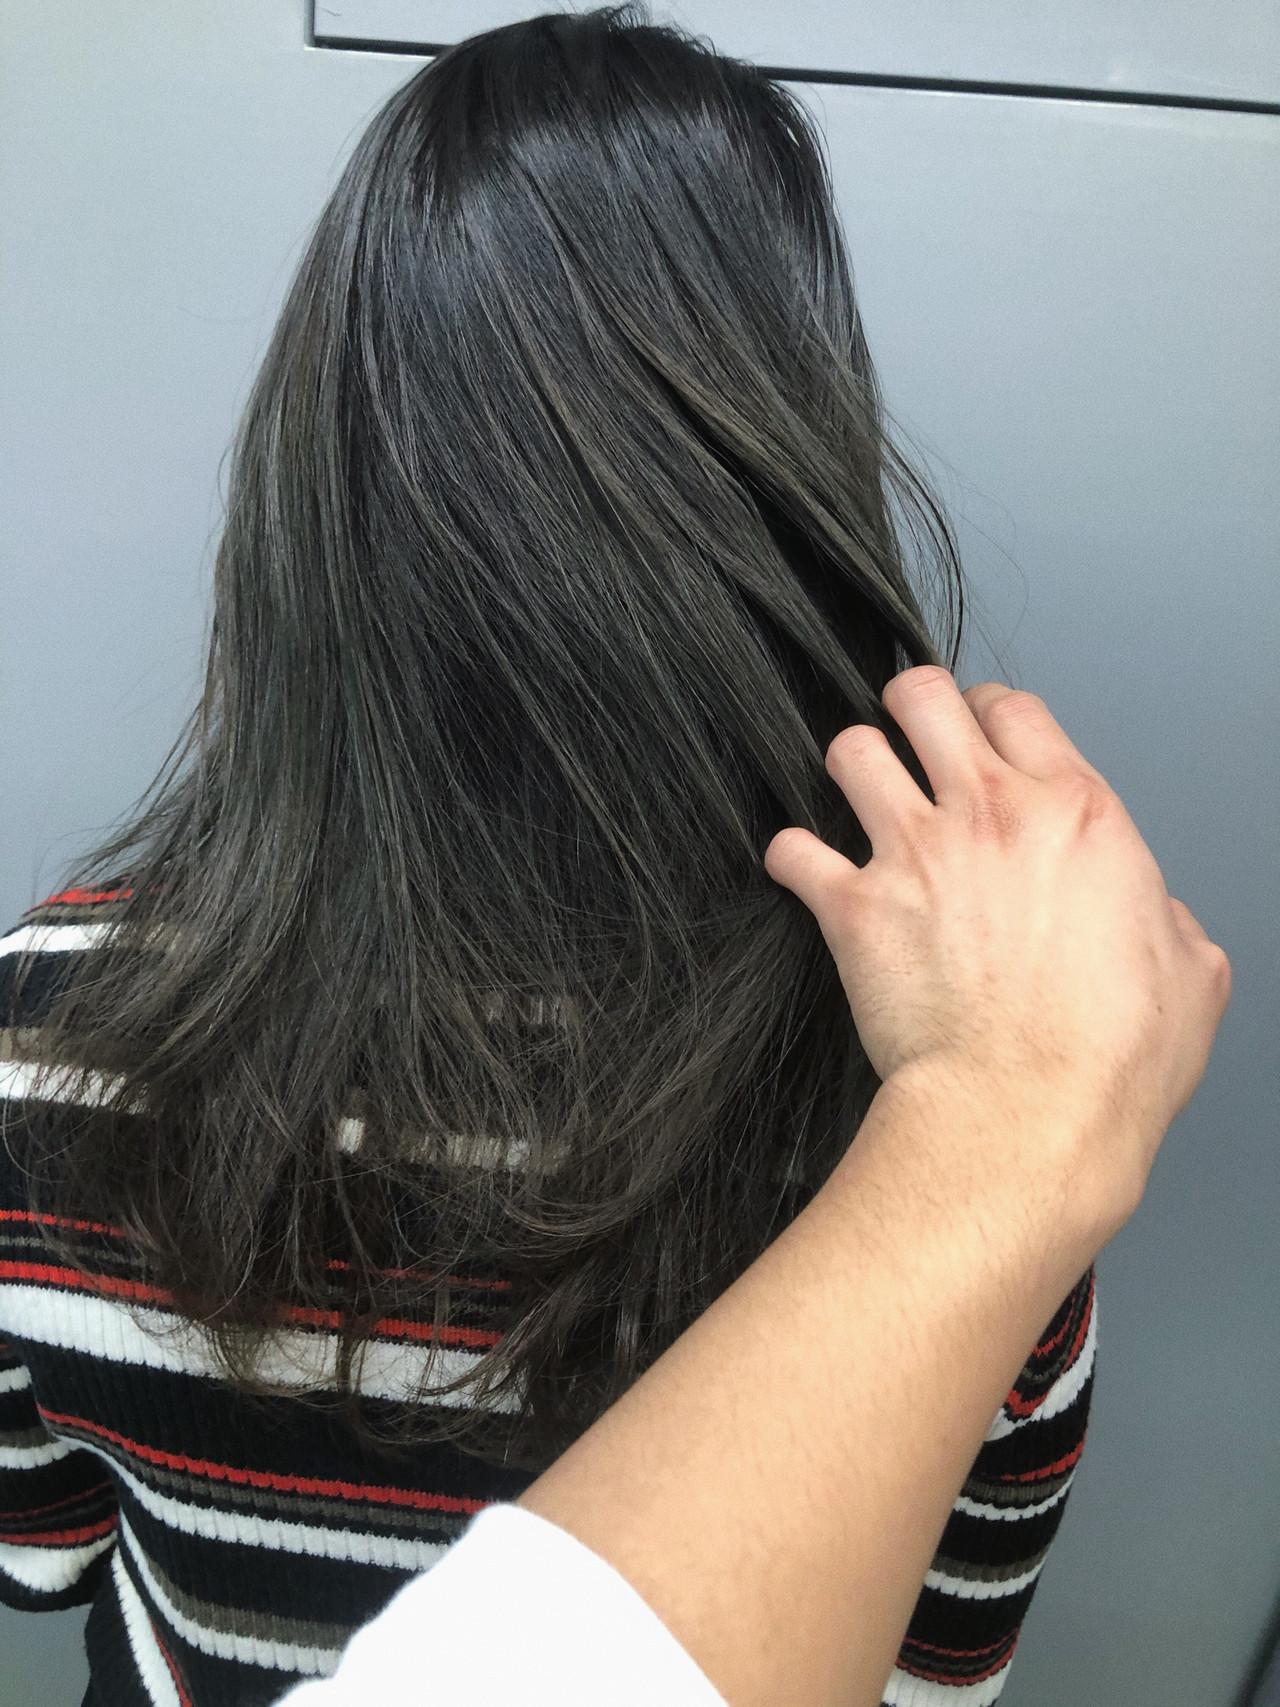 ブルージュ アッシュグラデーション 暗髪 ナチュラル ヘアスタイルや髪型の写真・画像 | koki / LAND